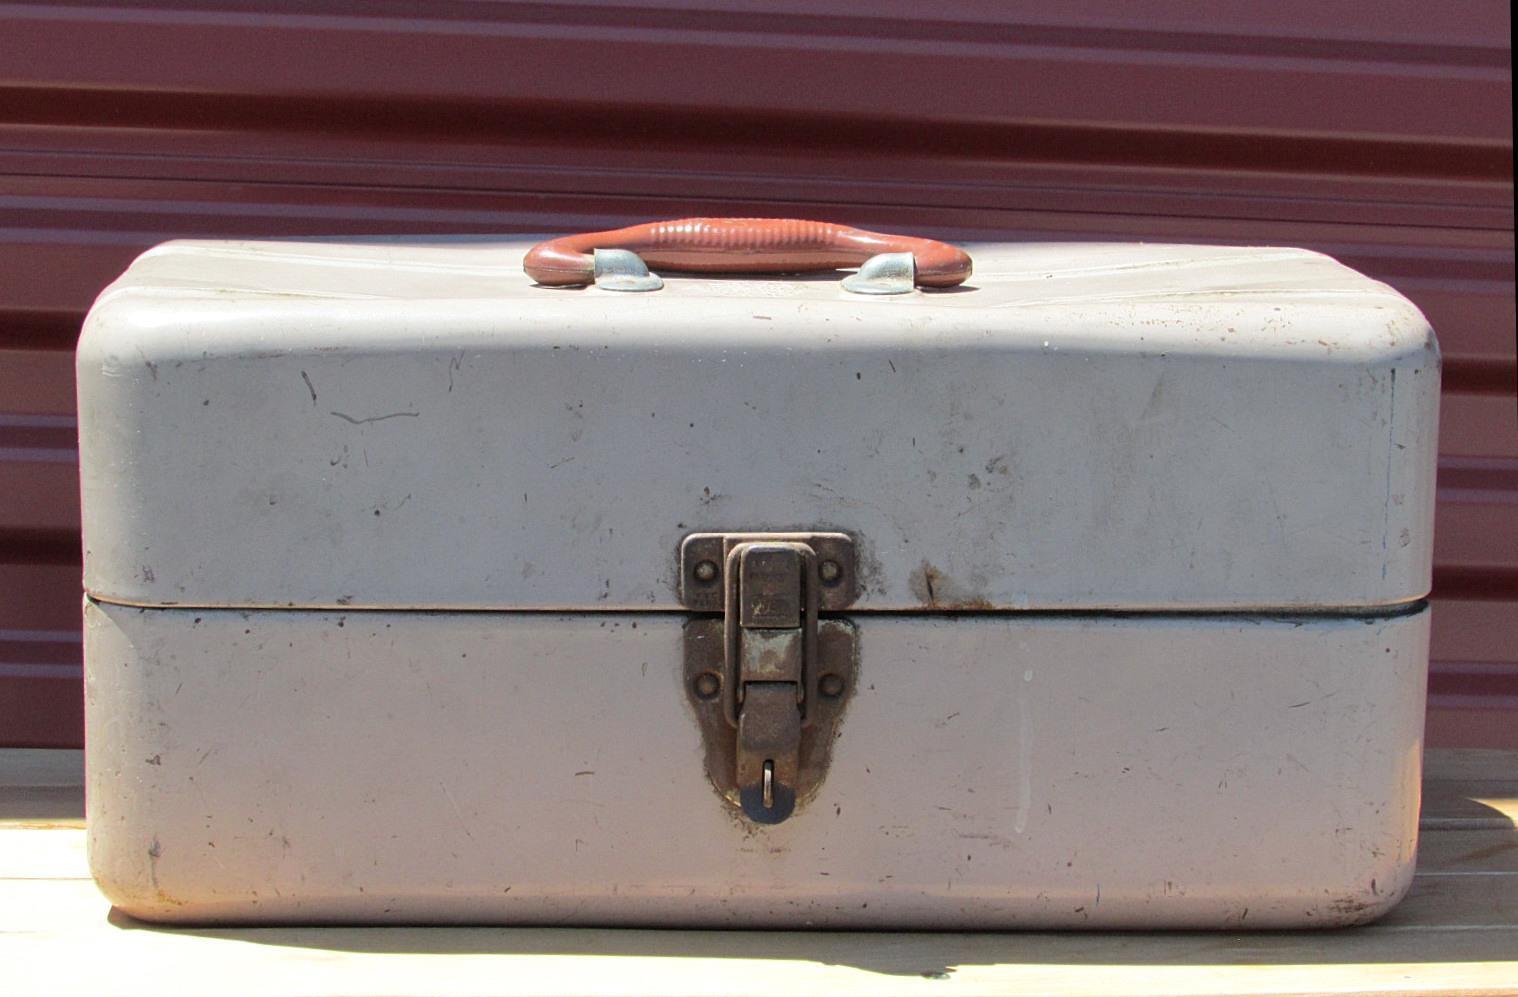 Vintage Unión de metal caja de aparejos de pesca & contenido lleno de señuelos, Cucharas, Corchos +